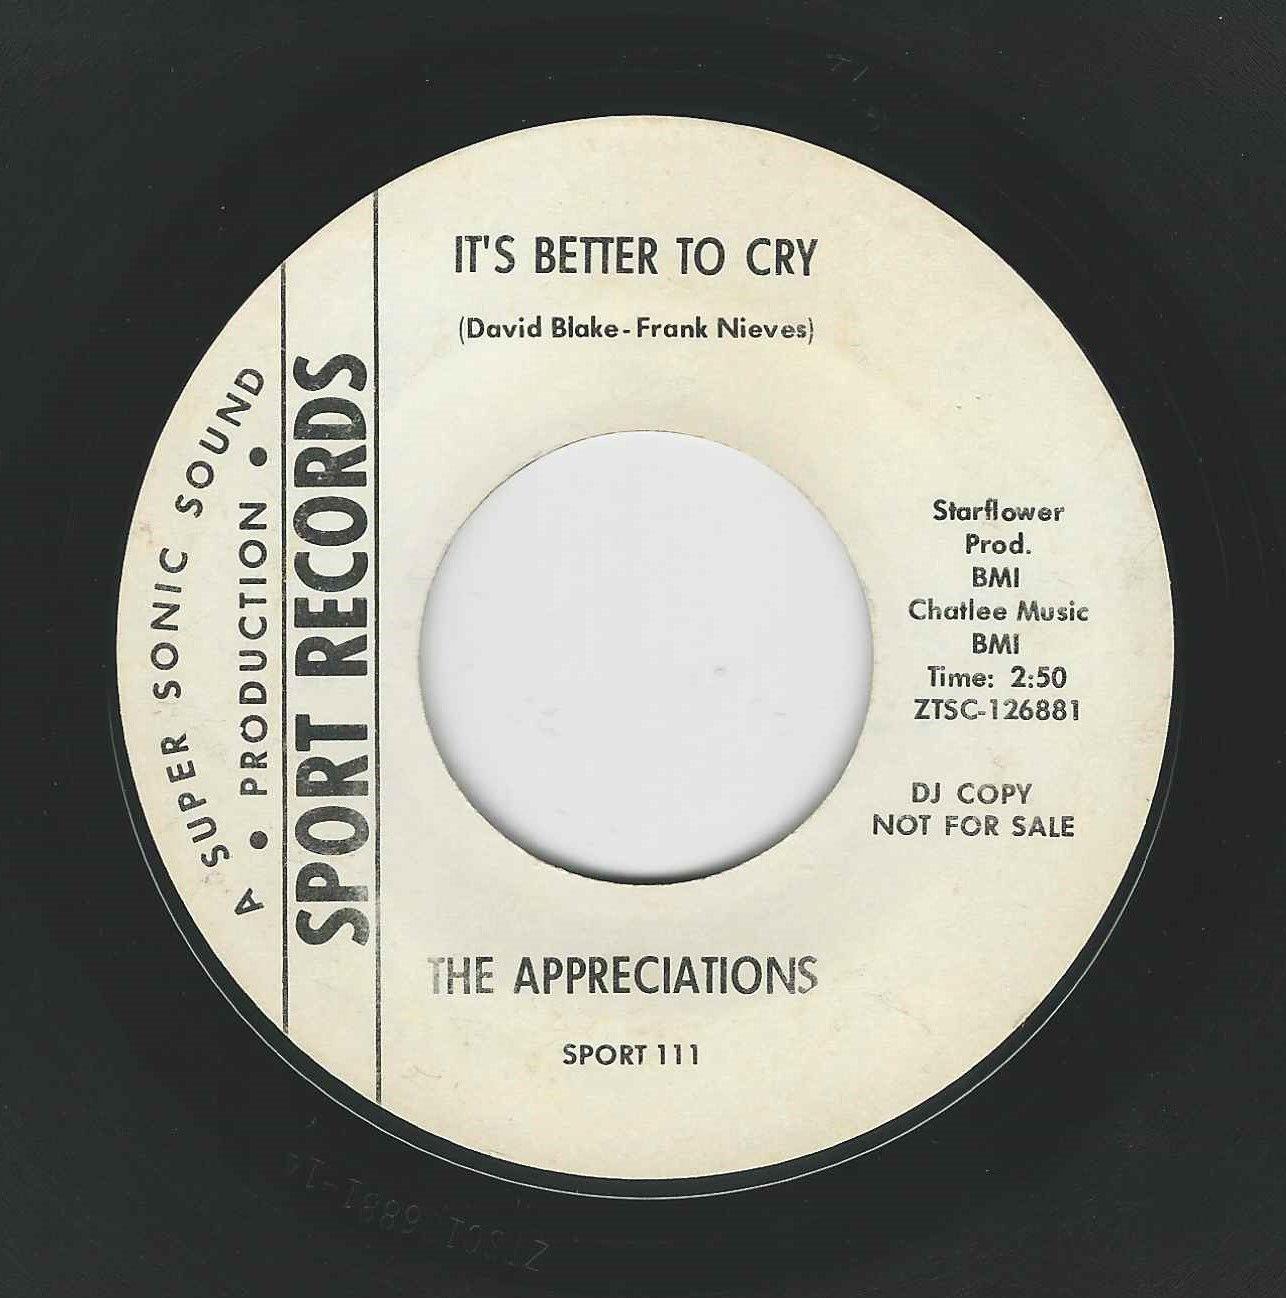 THE APPRECIATIONS